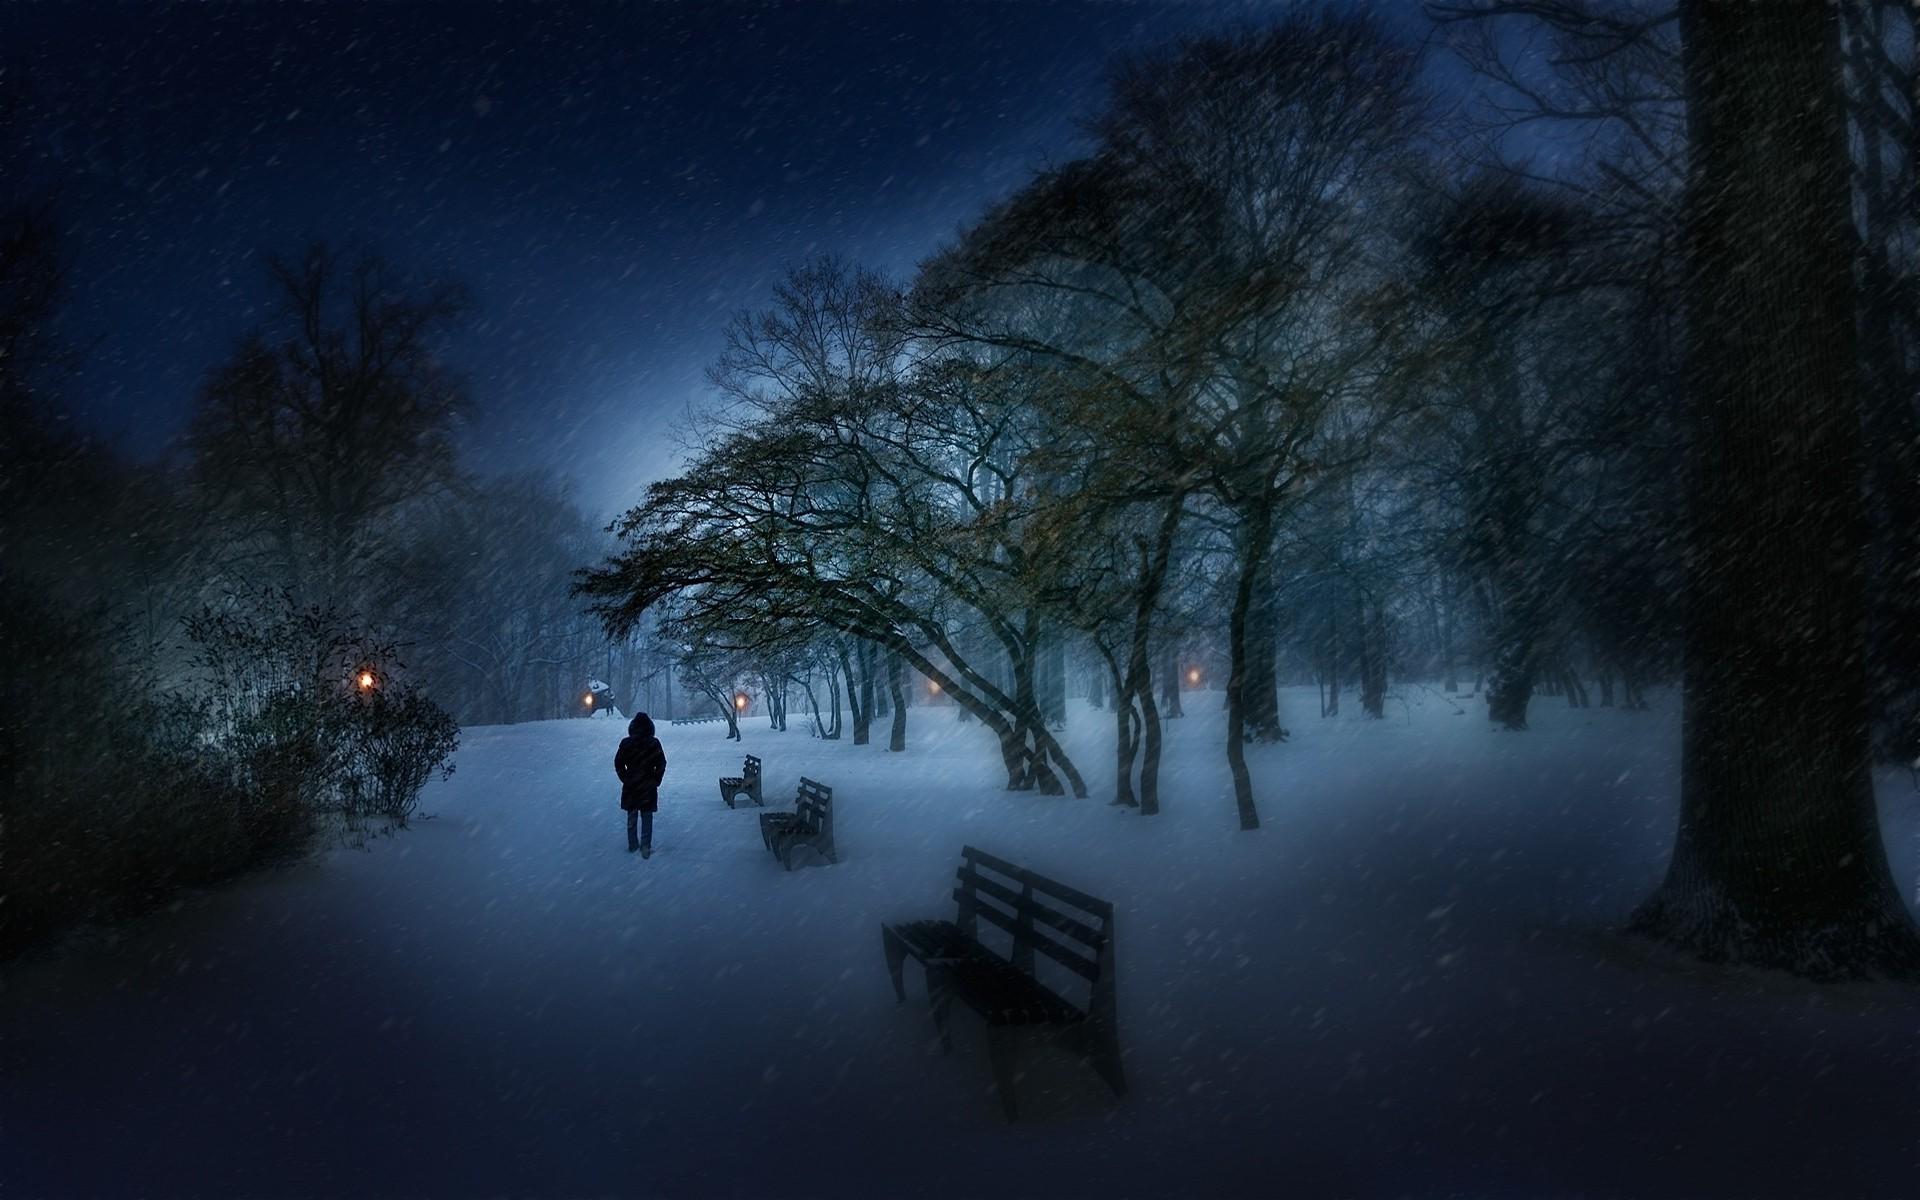 юной ночь холодна фото этой подборке собраны